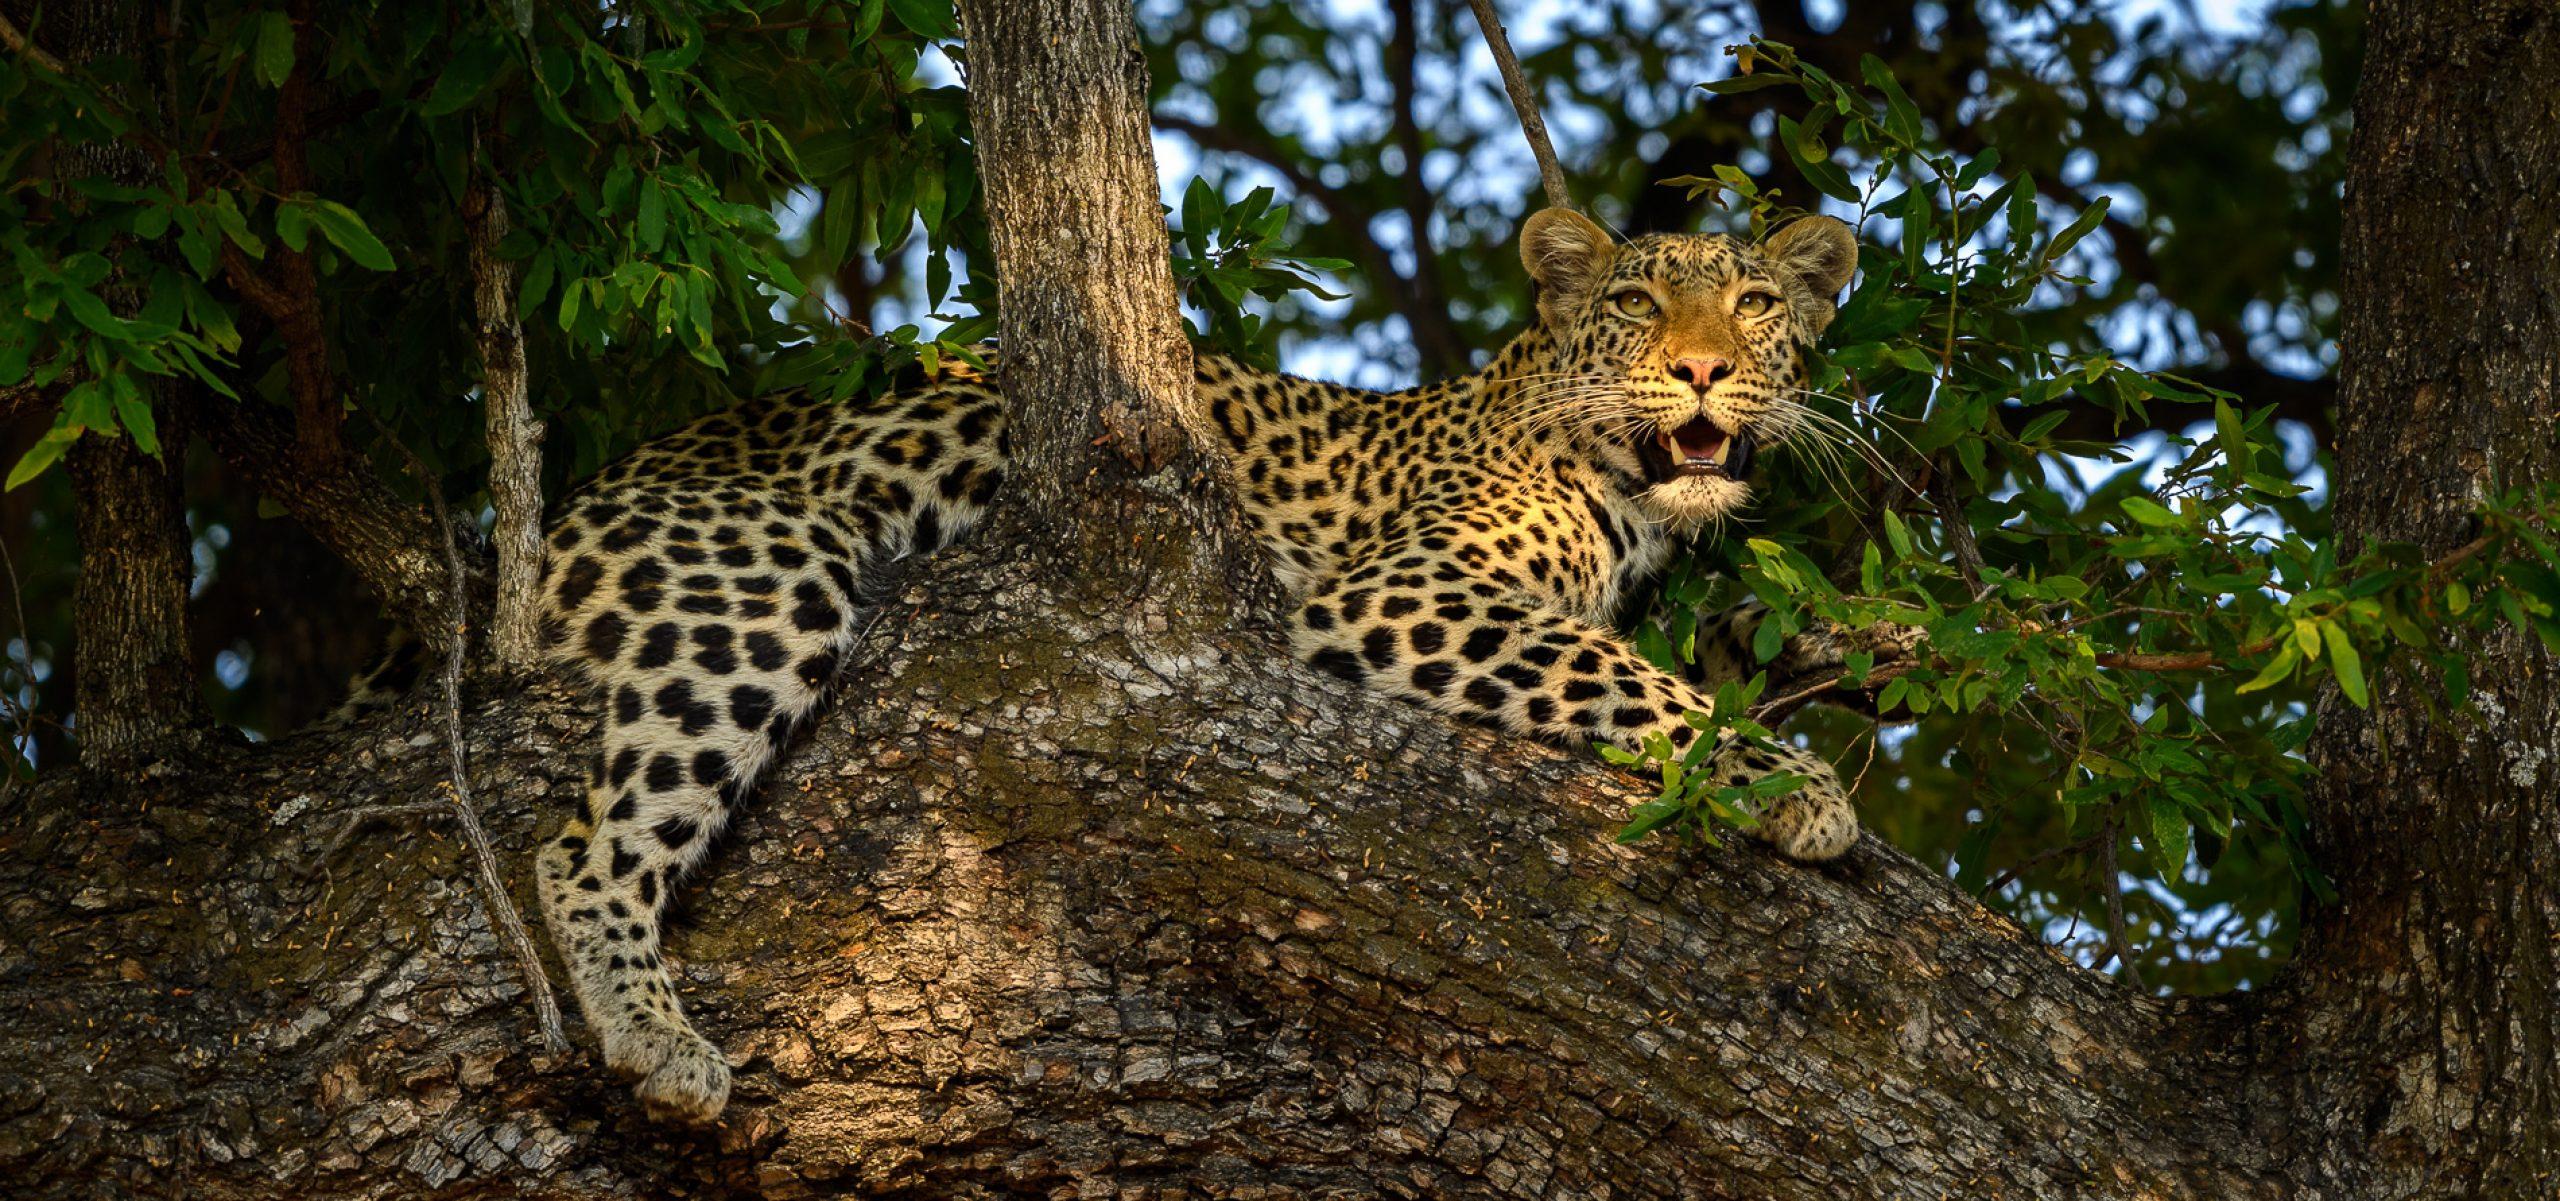 Botswana - Okavango Delta Leopard